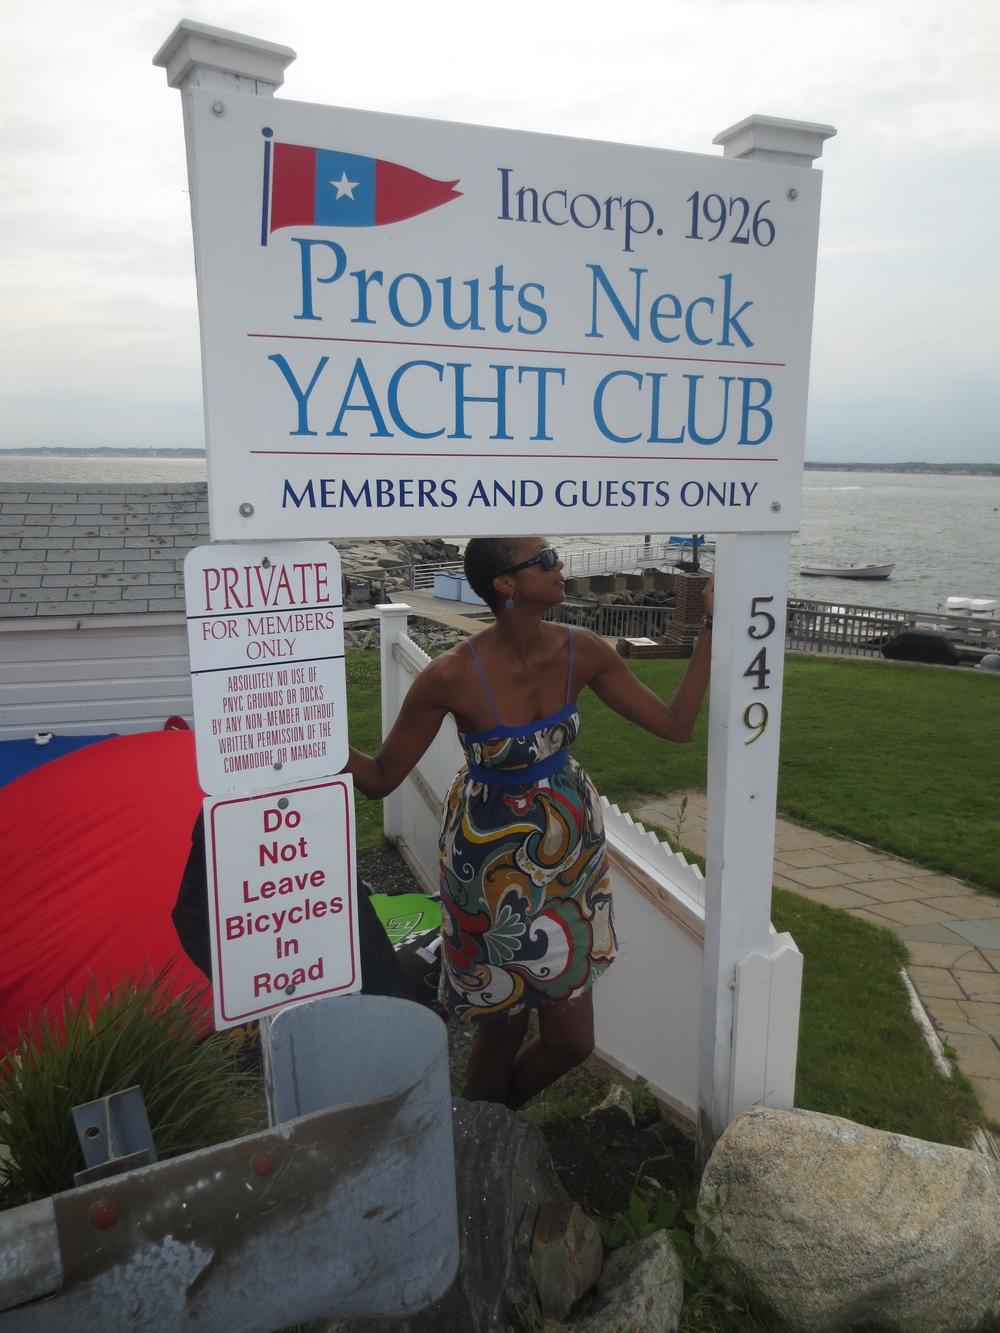 Maine yacht clubbin'.